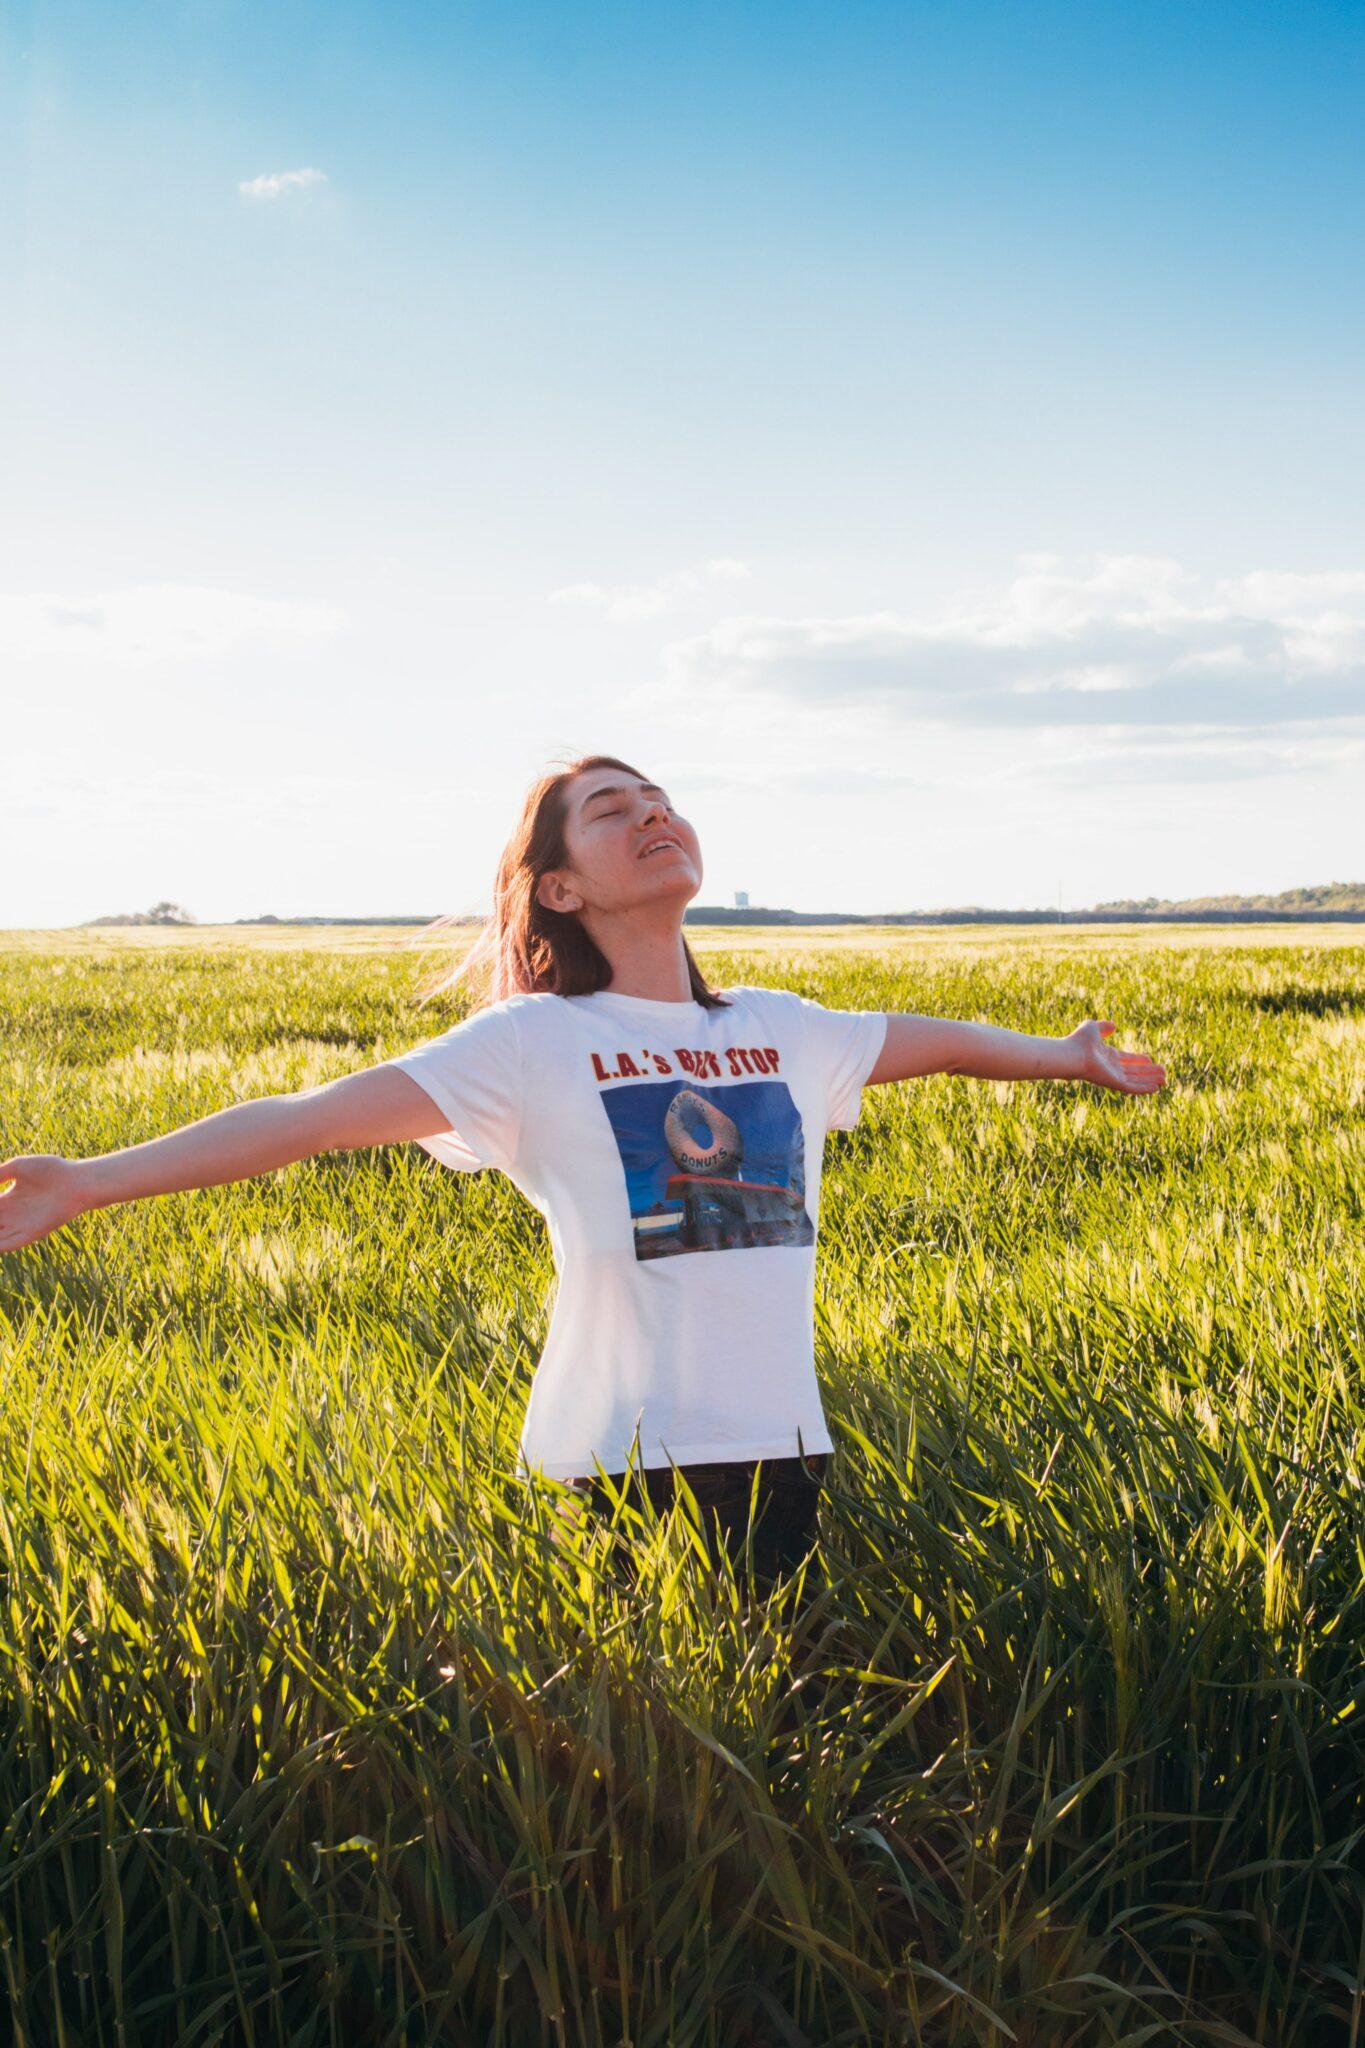 woman standing in green field